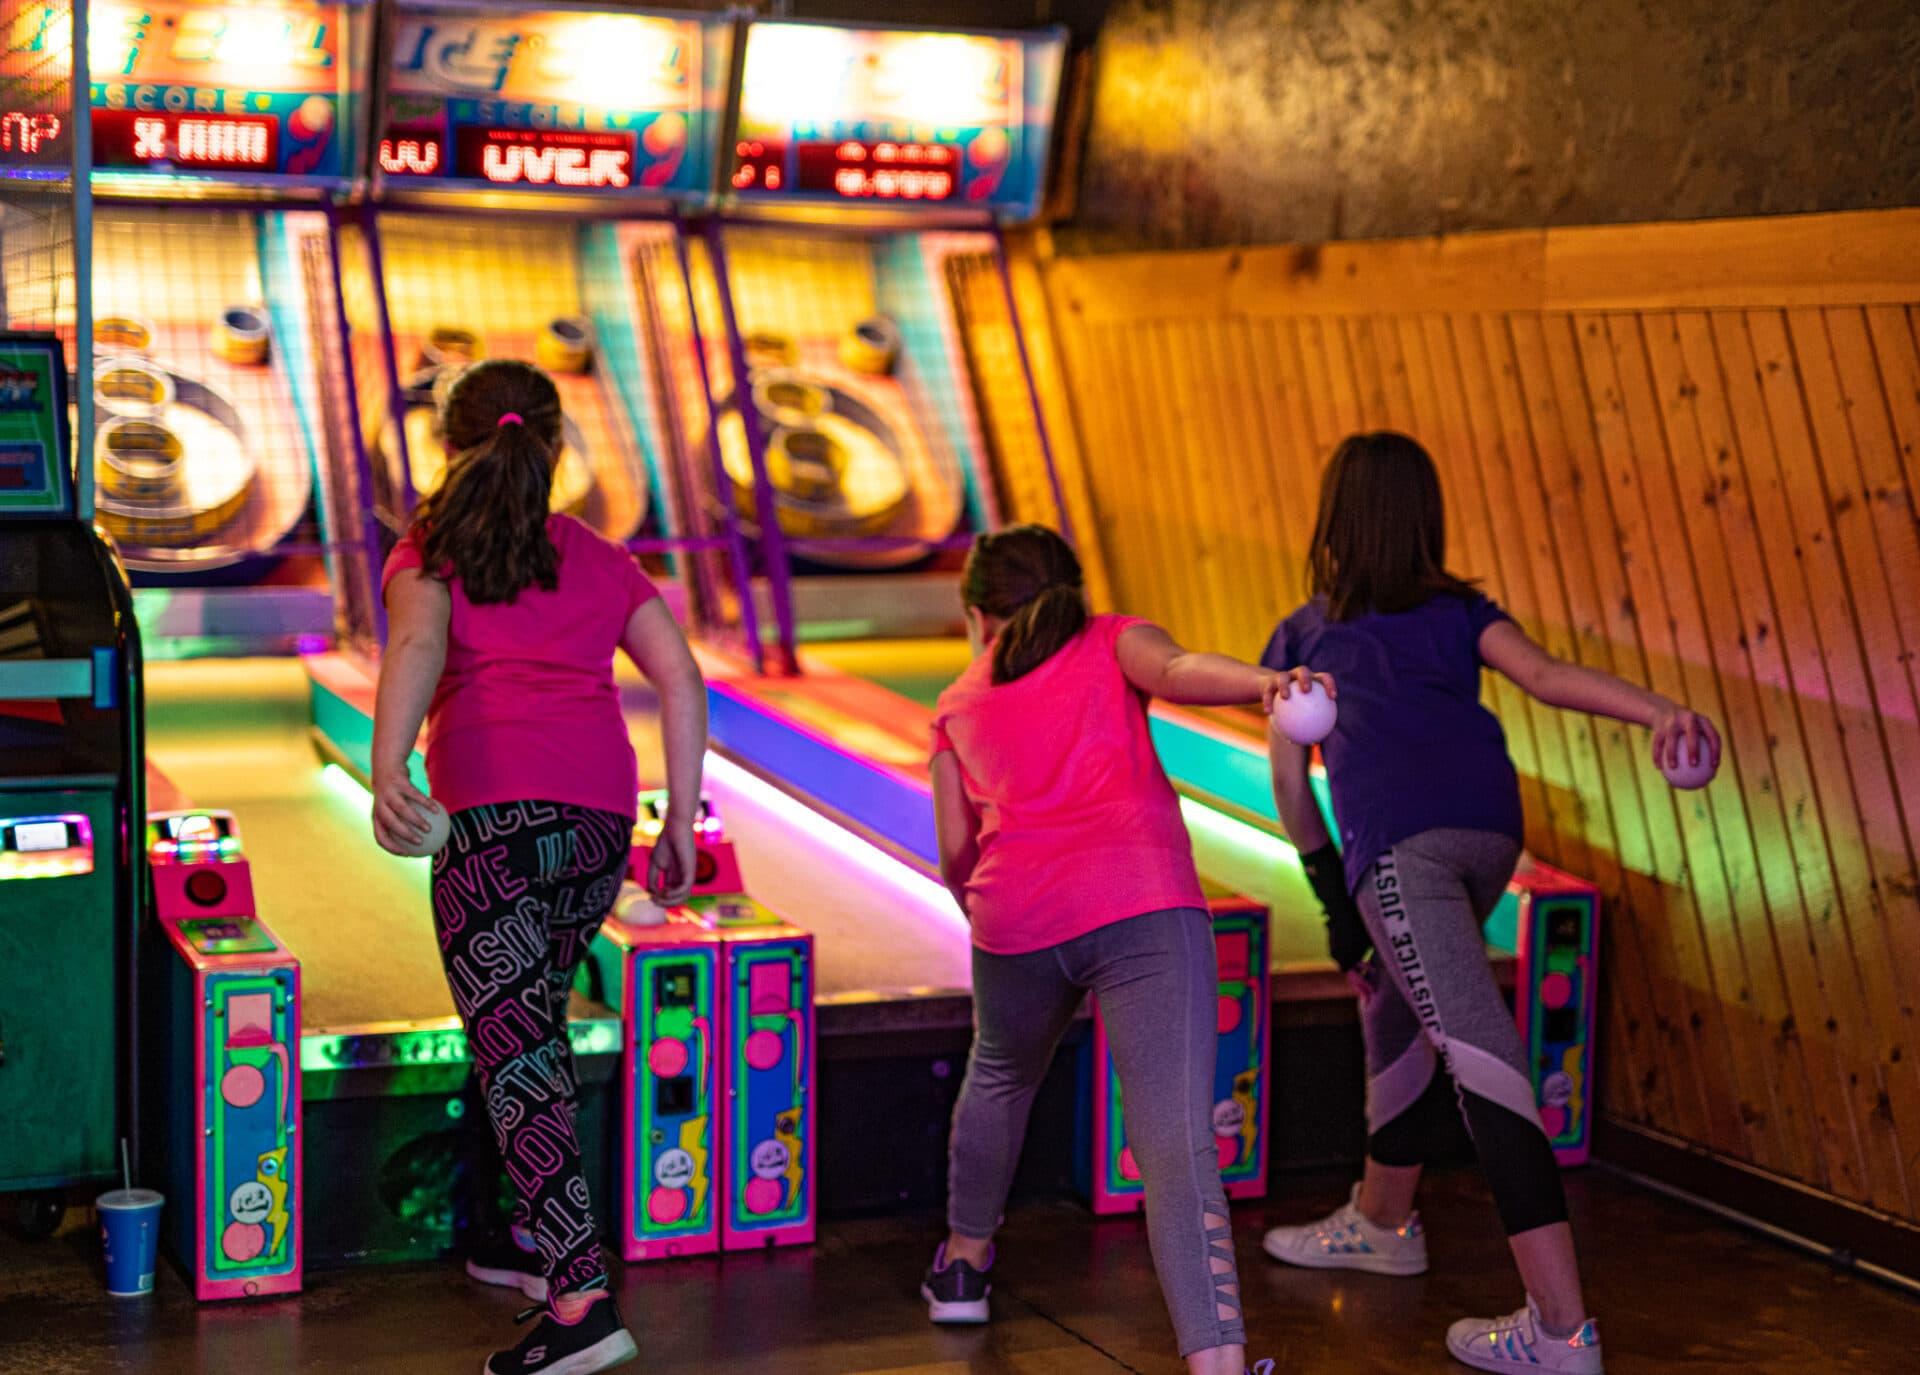 arcade in kenosha, kenosha arcade, kenosha fun park